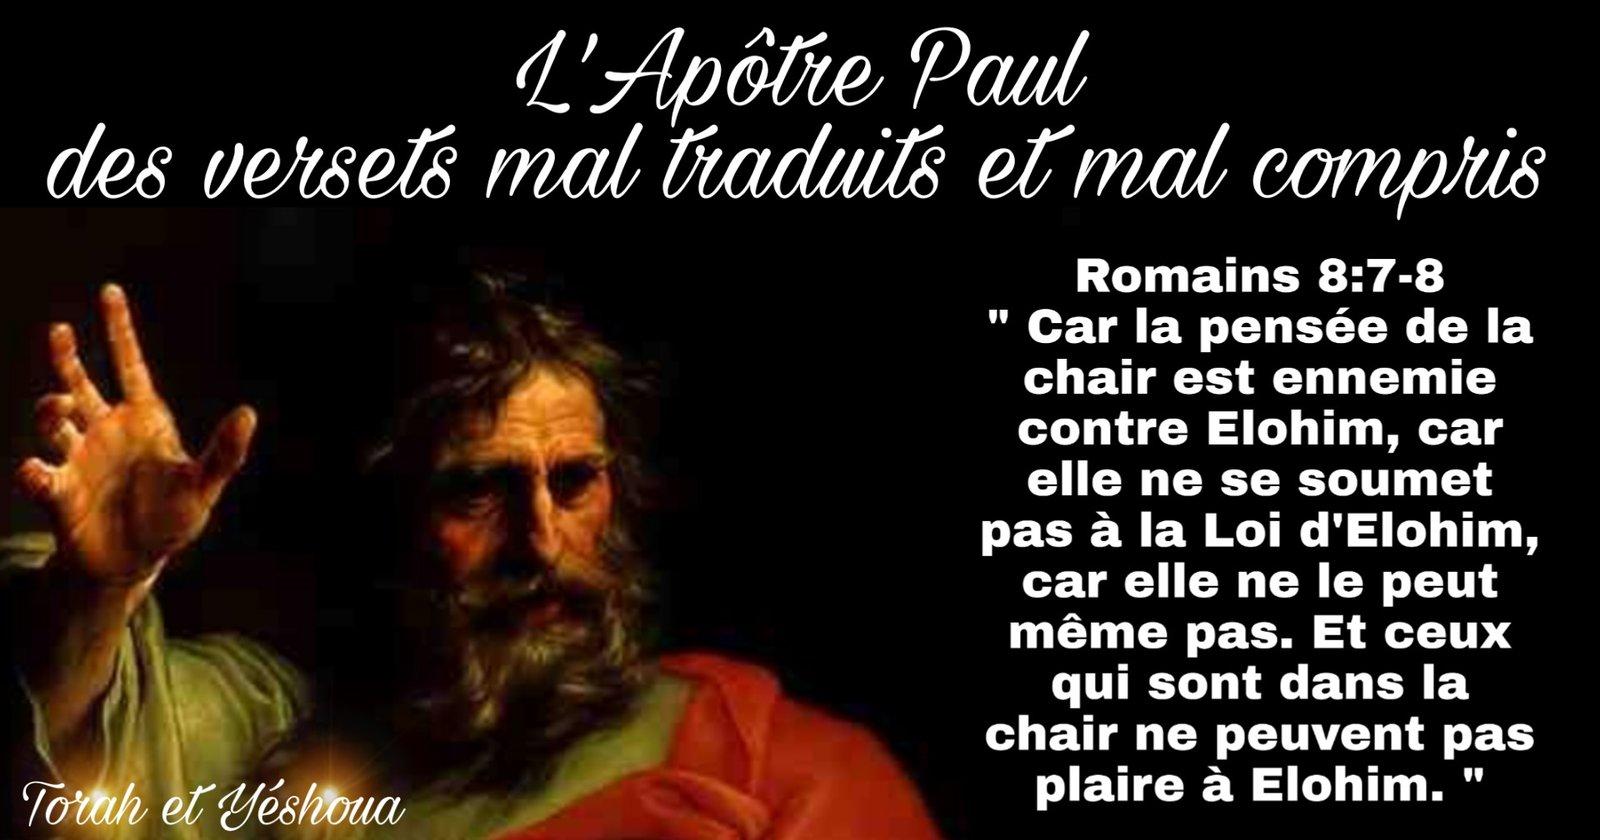 L'Apôtre Paul des versets mal traduits et mal compris 200518122304792482